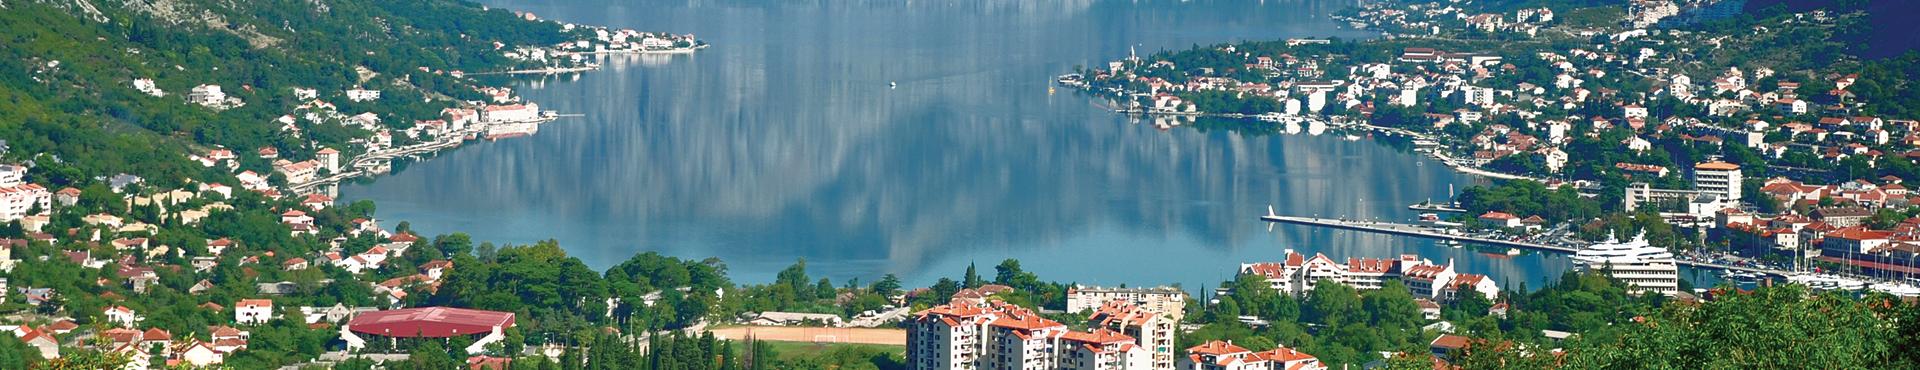 טיול מאורגן למונטנגרו ואלבניה - משוויץ של הבלקן ועד לאלבניה המתפתחת